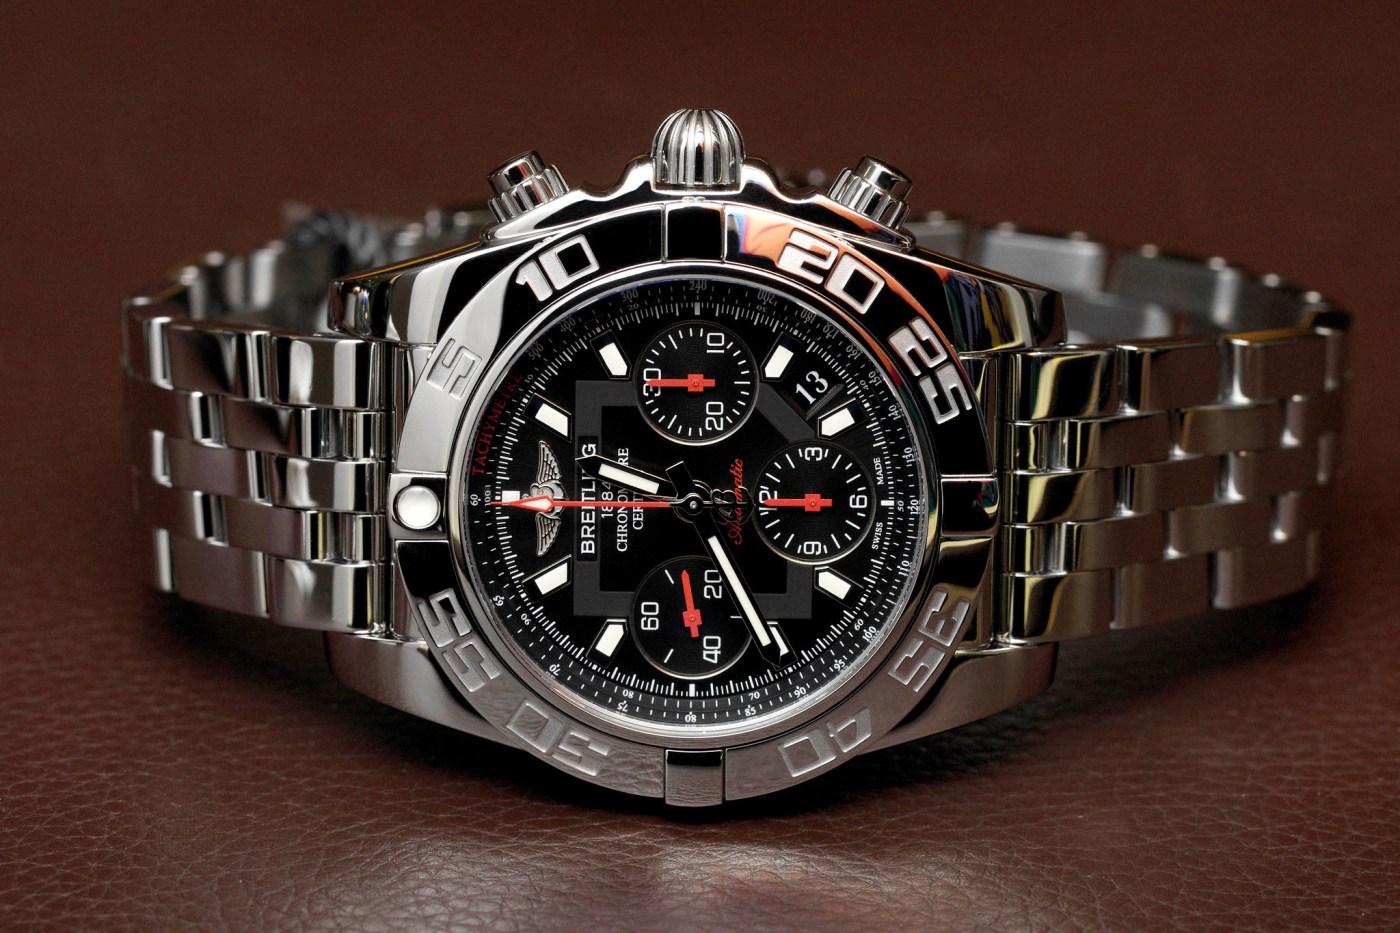 Breitling B01 Chronomat side